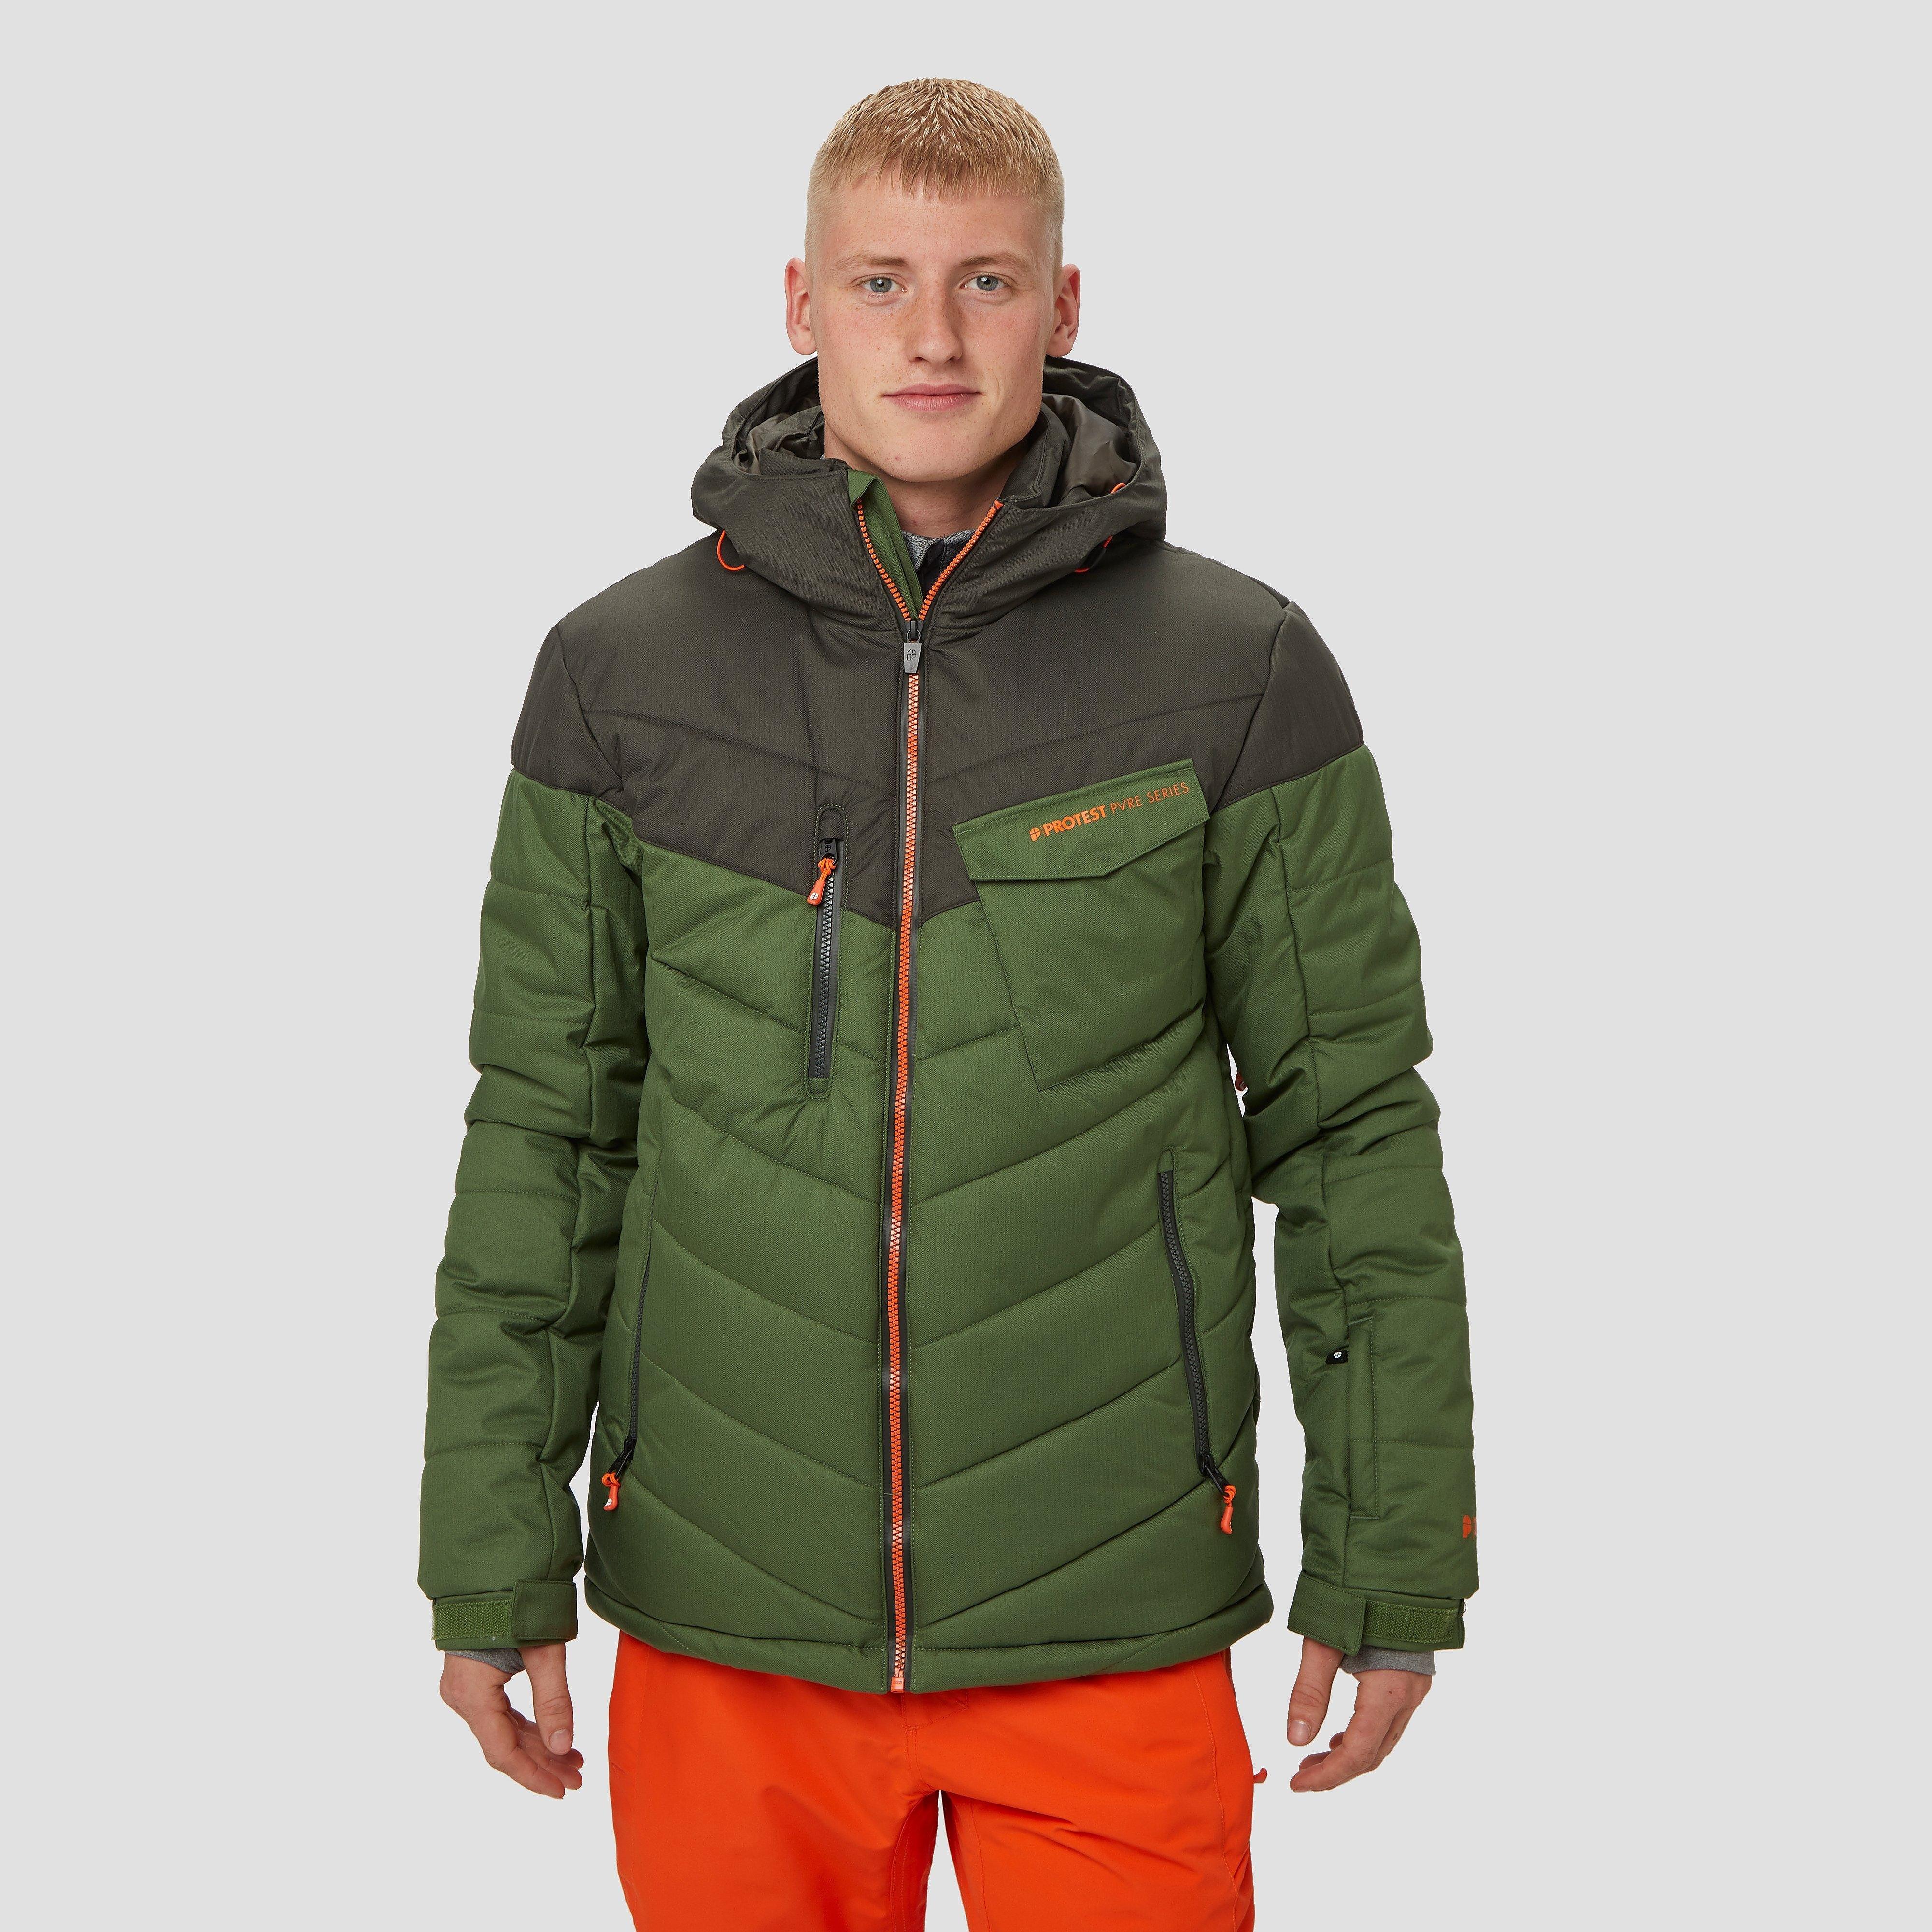 Voor je volgende wintersportvakantie hoef jij niet lang naar een geschikte jas te zoeken. deze virgo 19 ski ...